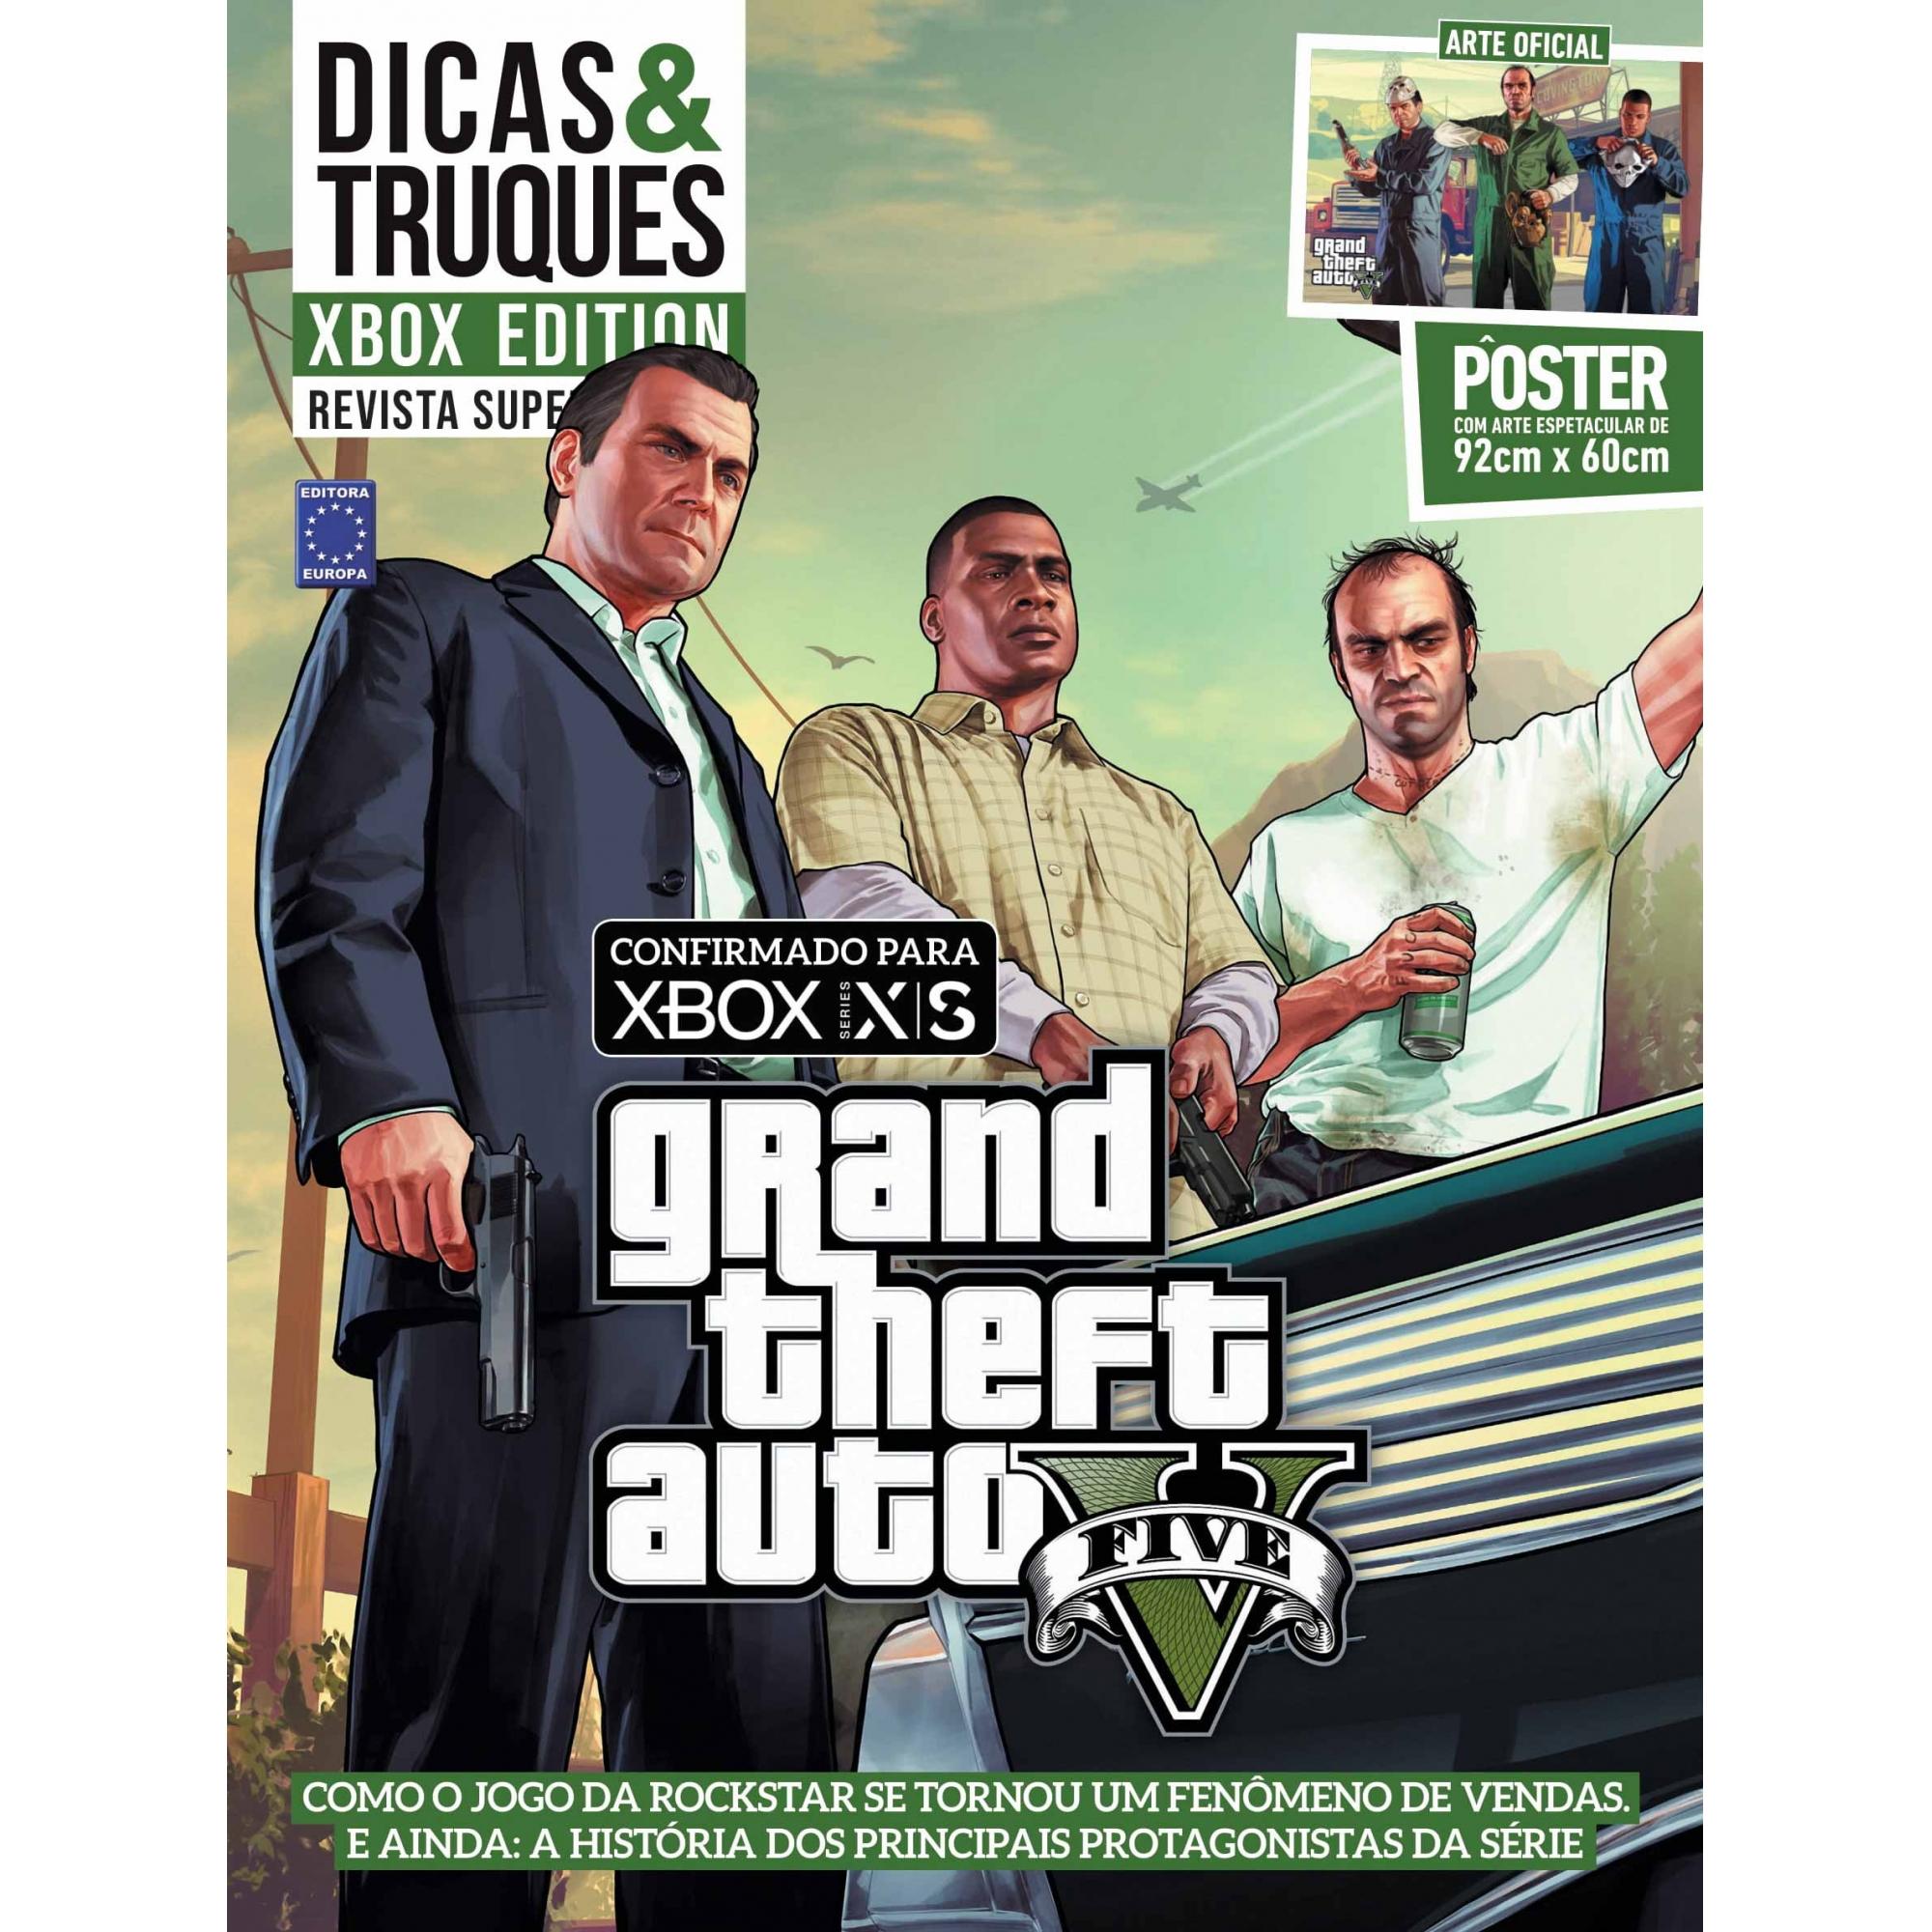 Revista Superpôster Dicas e Truques Xbox Edition - Grand Theft Auto V